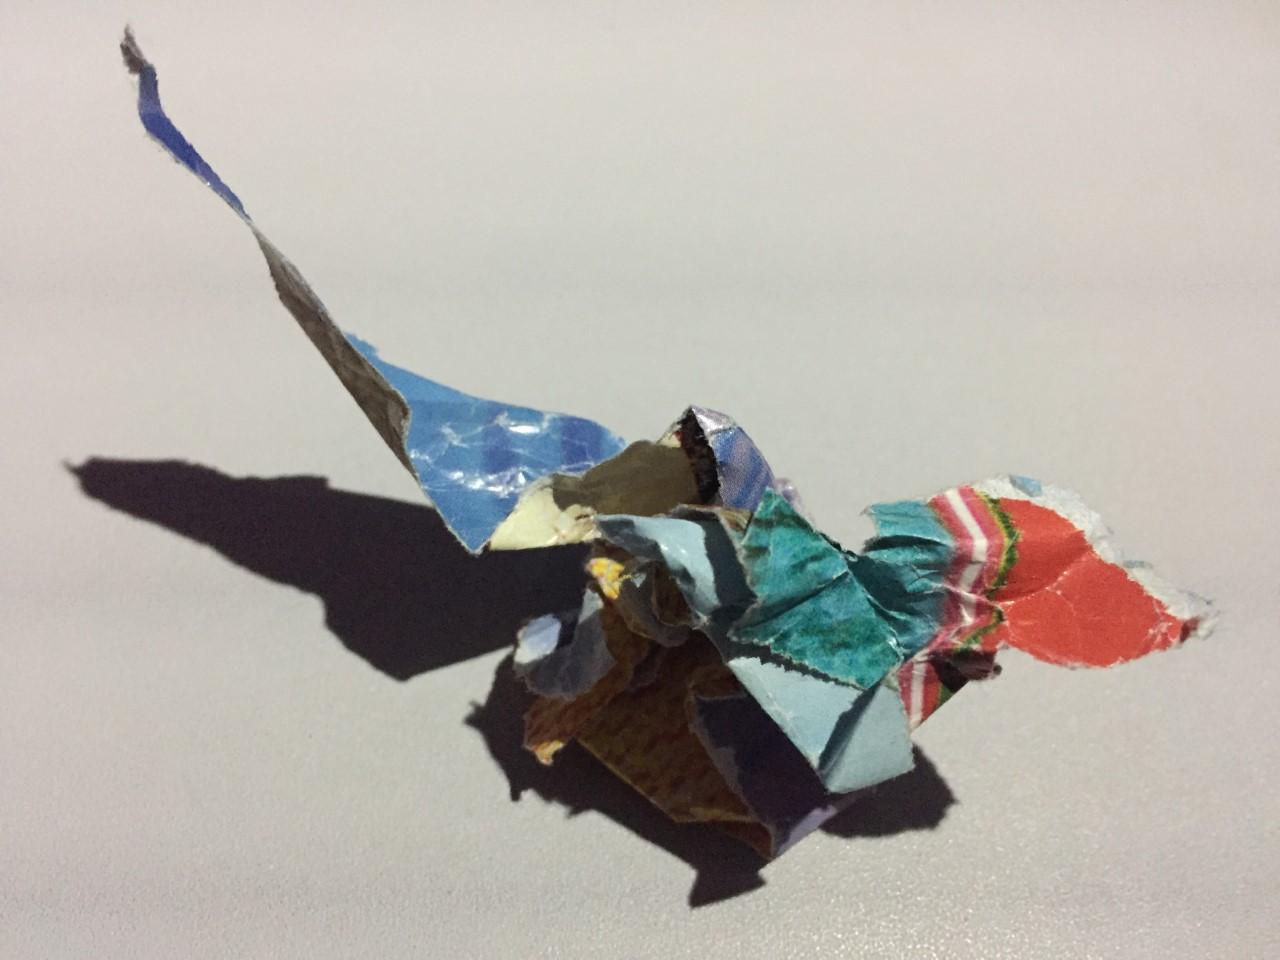 Joe Cartino: How to create spontaneous visual art